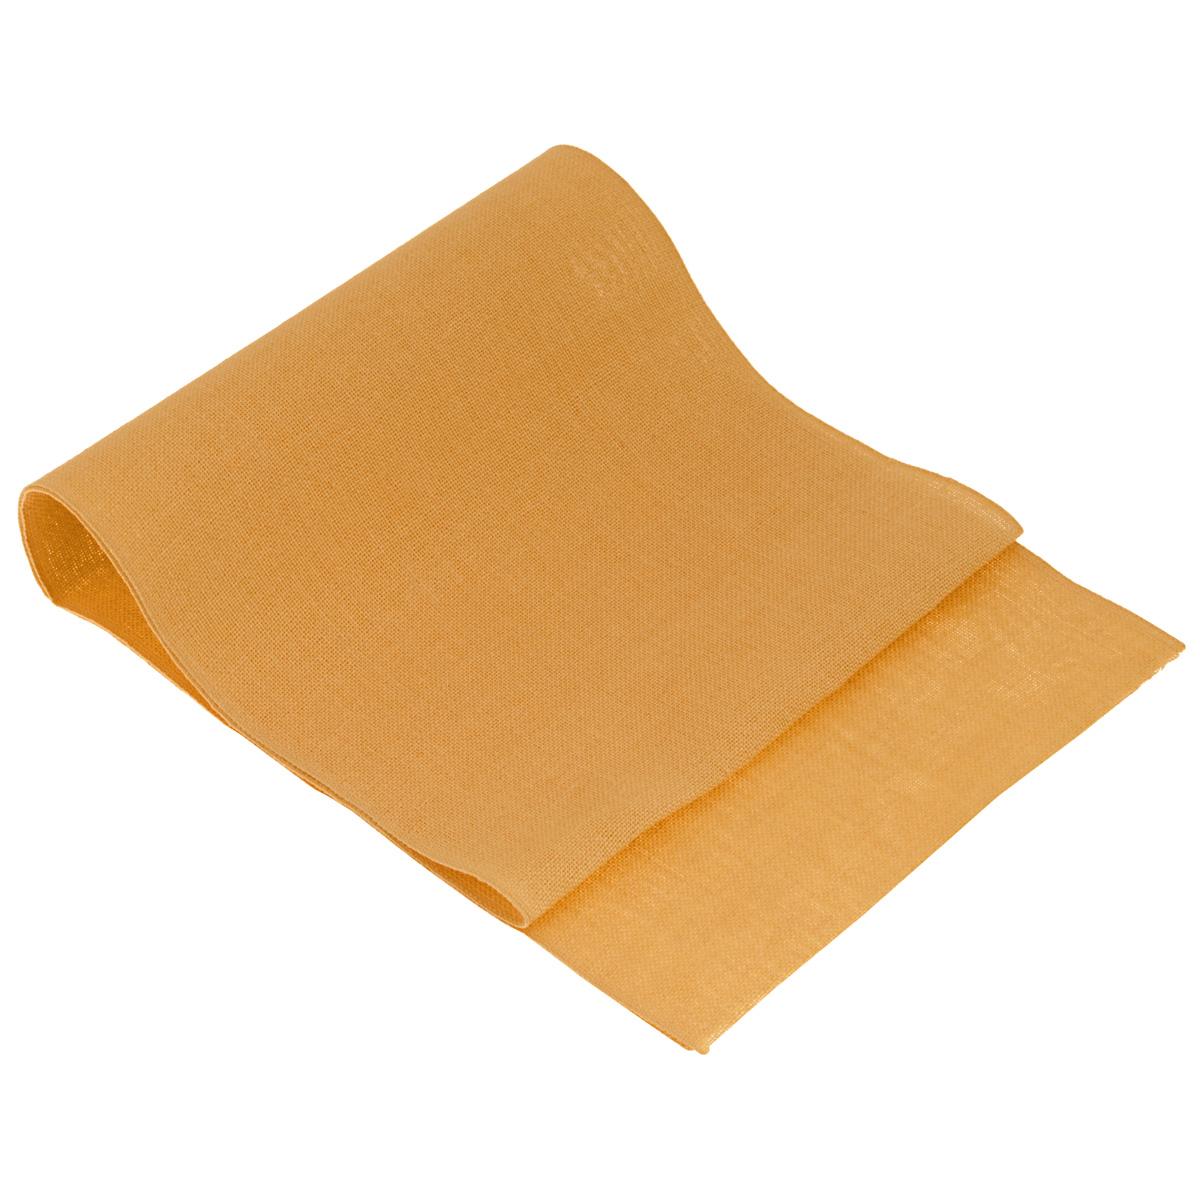 Основа для вышивания крестом или гладью Vaupel & Heilenbeck, цвет: мандариновый, 20 х 100 см233-200Основа для вышивания крестом или гладью Vaupel & Heilenbeck представляет собой однотонную 11-ти ниточную дорожку, выполненную из 100% льна. Воплотите свои идеи на этой дорожке! Дорожка, украшенная своими руками, дополнит интерьер любого помещения, а также сможет стать изысканным подарком для ваших друзей и близких.